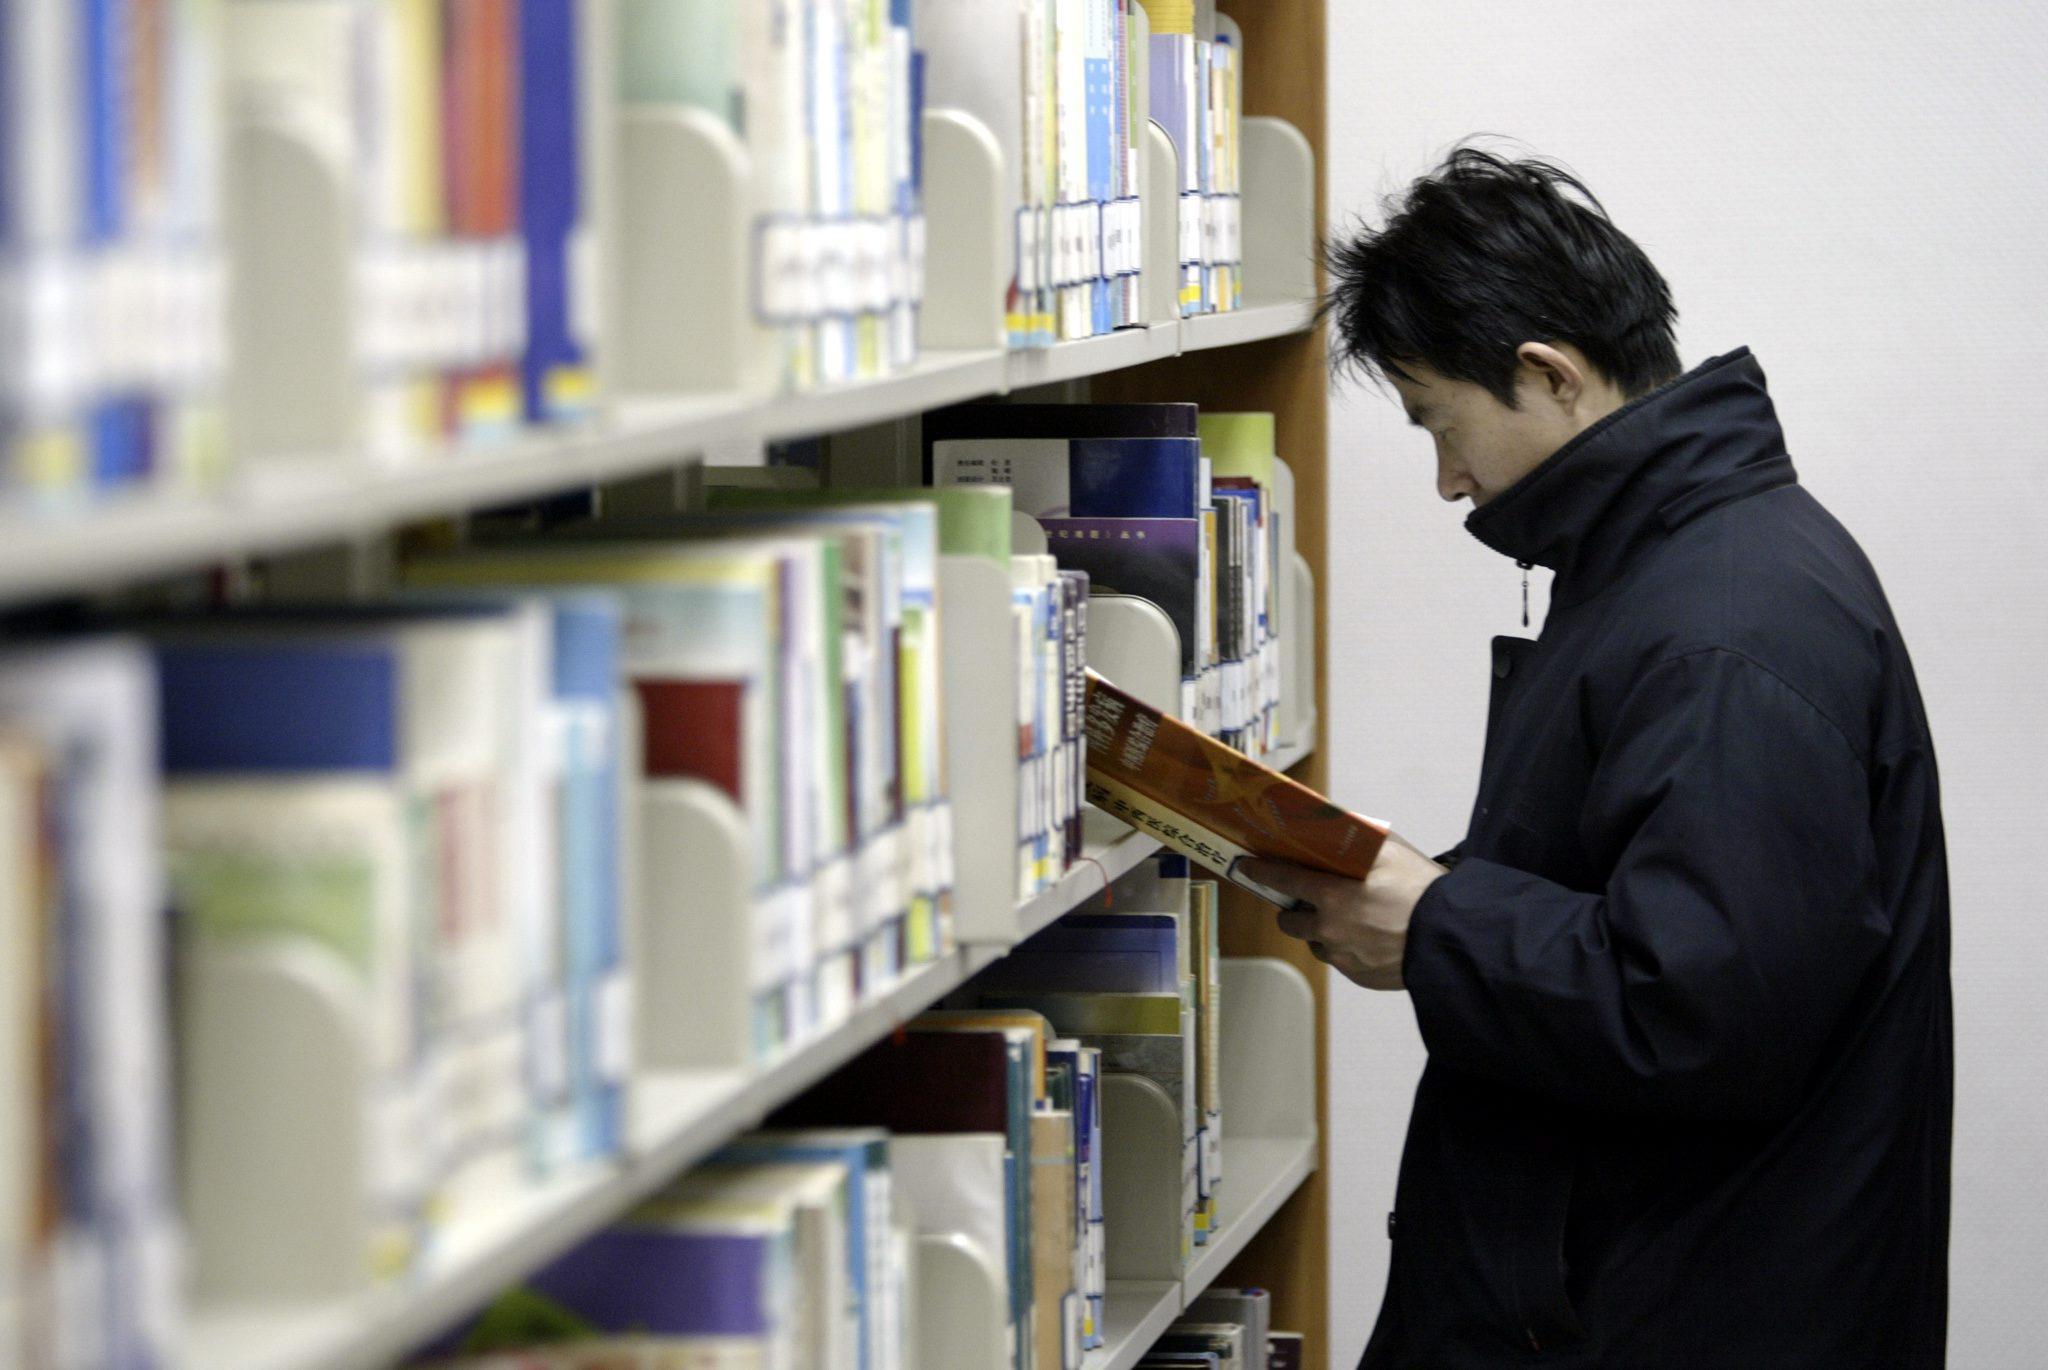 Governo de Macau quer auditores no grupo de trabalho do projeto da nova biblioteca central